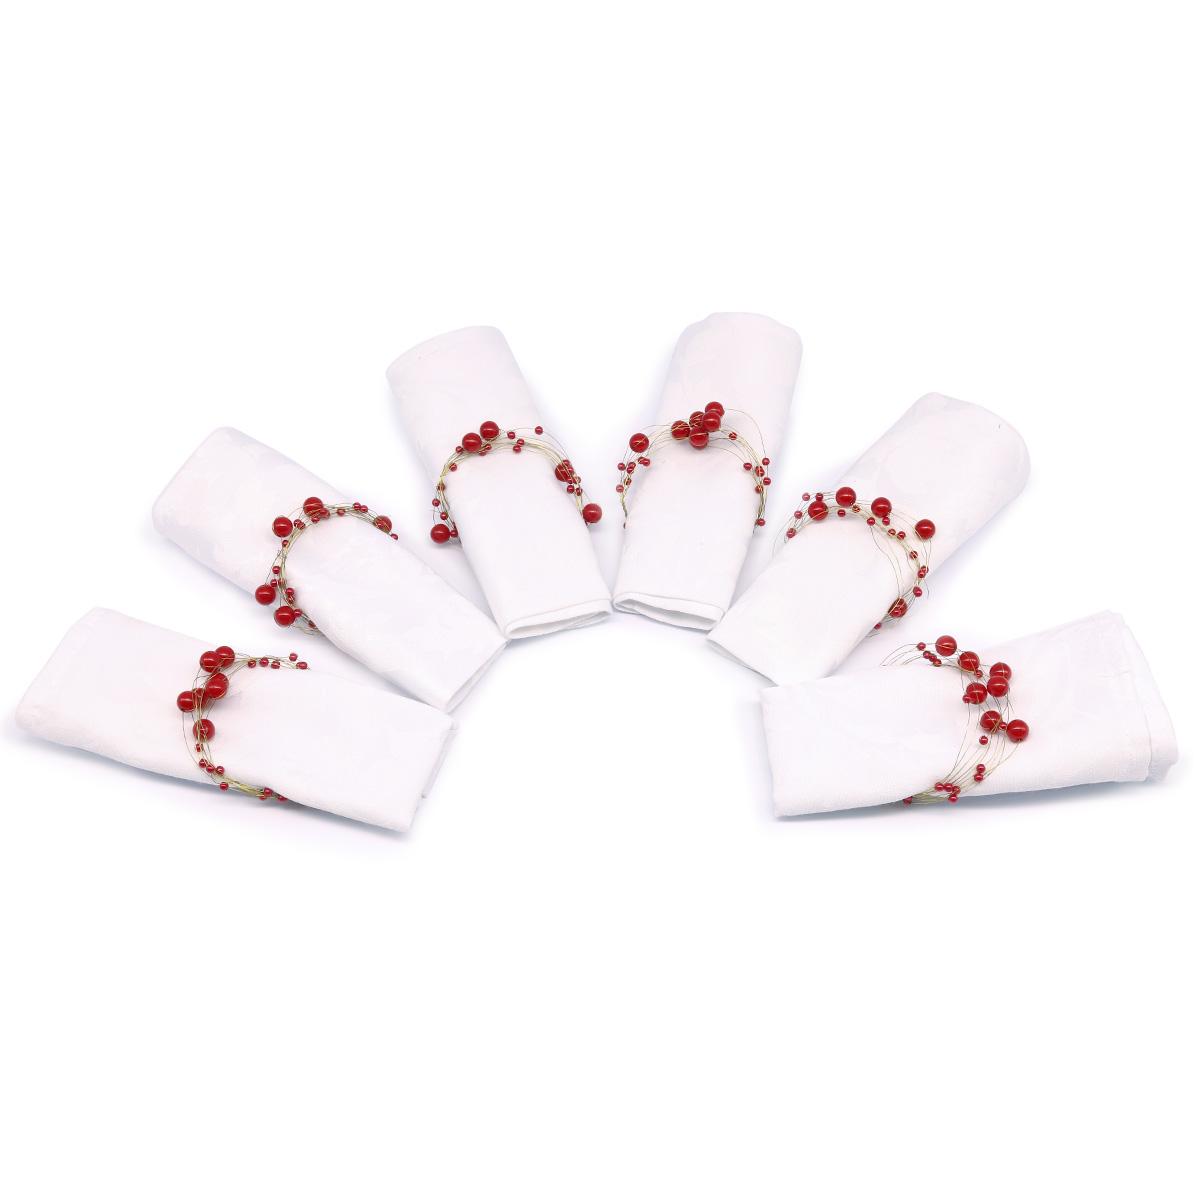 Набор декоративных элементов для праздника, свадьбы, интерьера №8